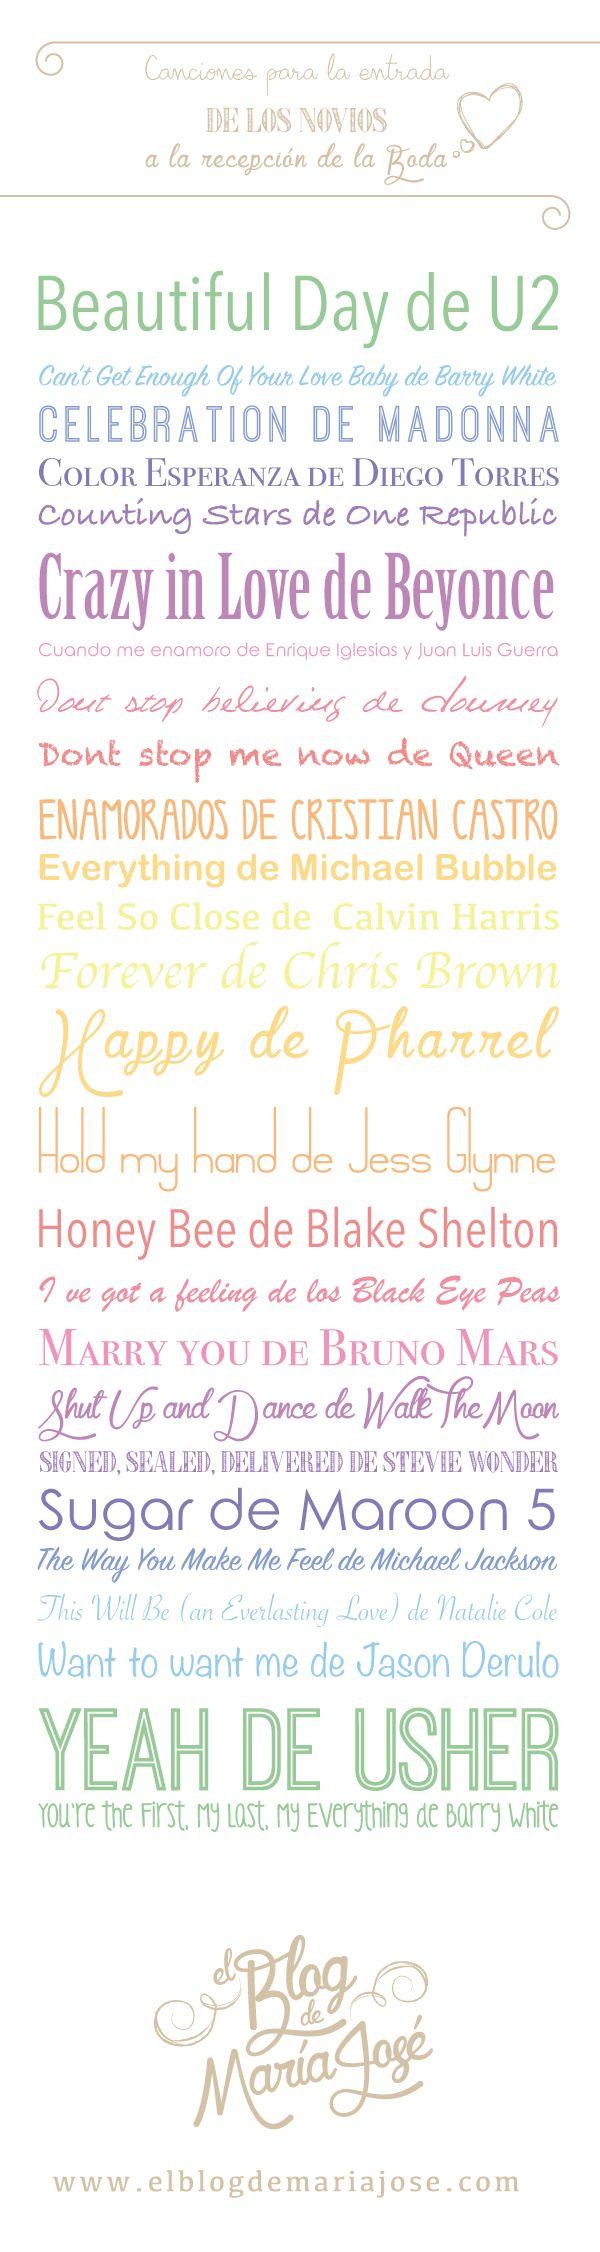 Canciones para la entrada de los novios a la recepción de la boda